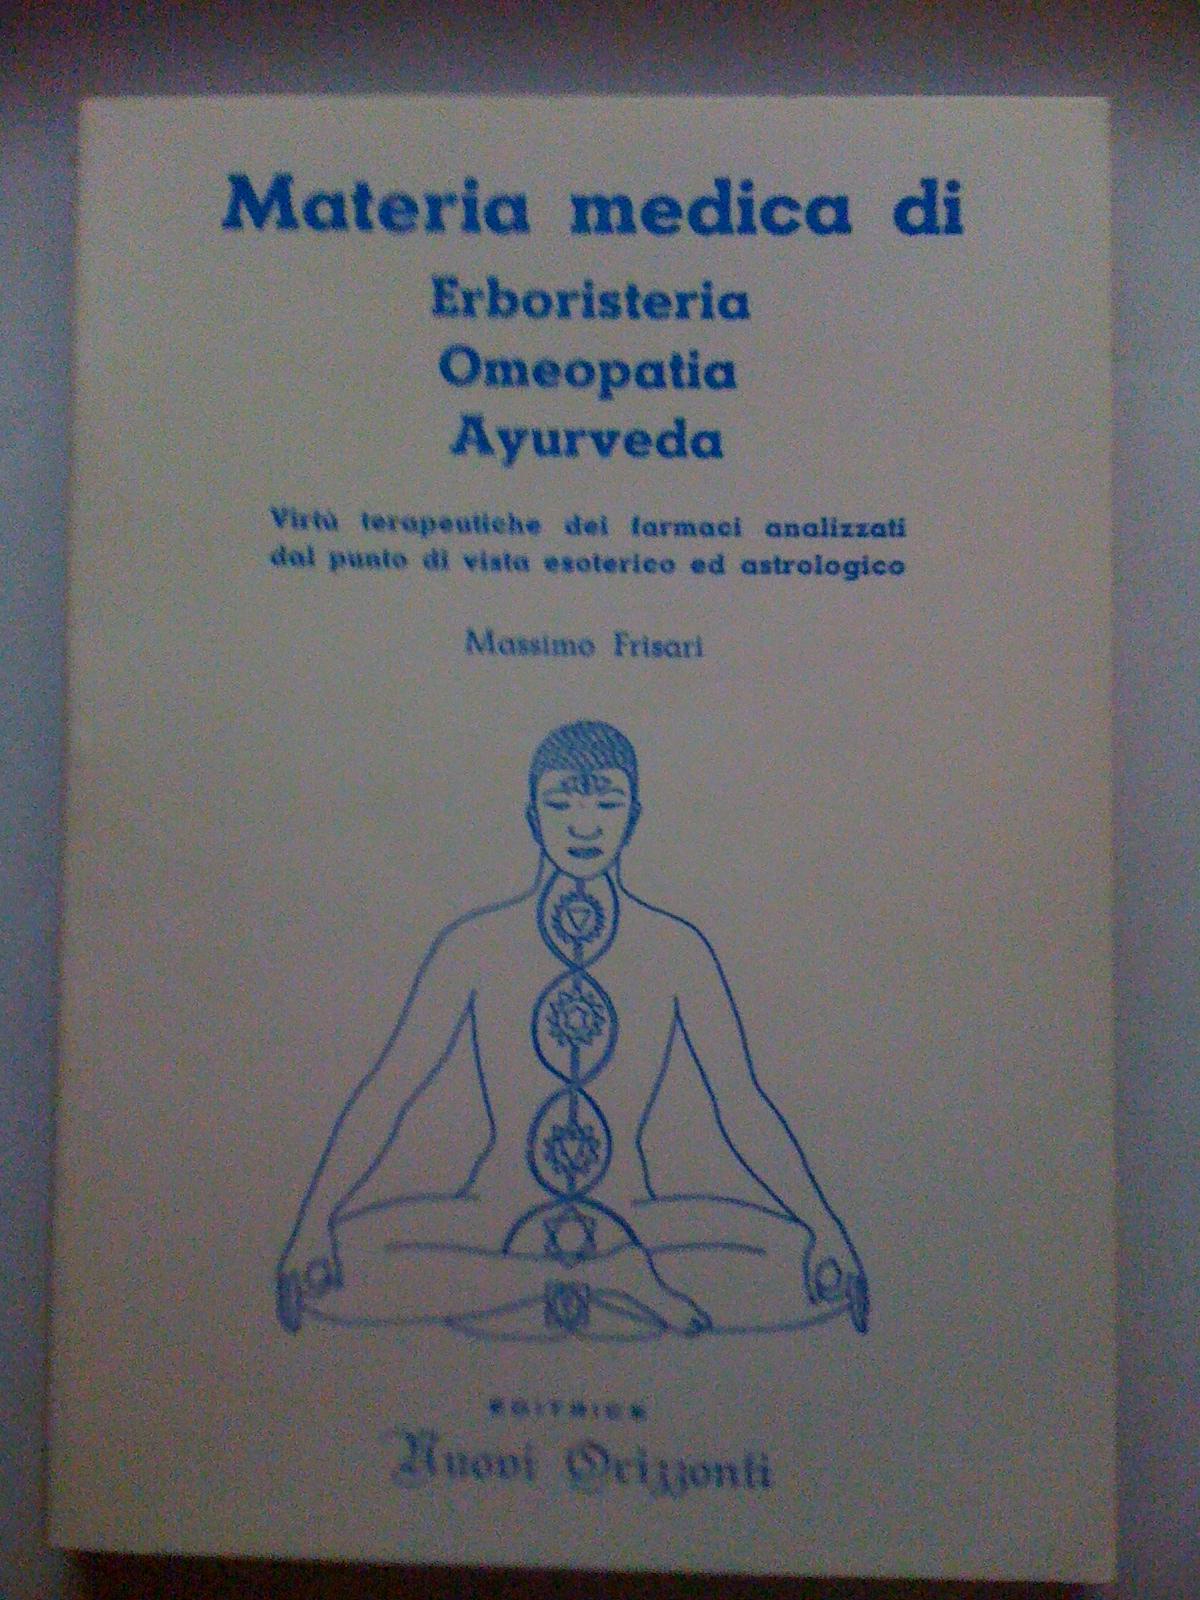 Materia medica di erboristeria, omeopatia e Ayurveda: virtù terapeutiche dei farmaci analizzati dal punto di vista esoterico ed astrologico